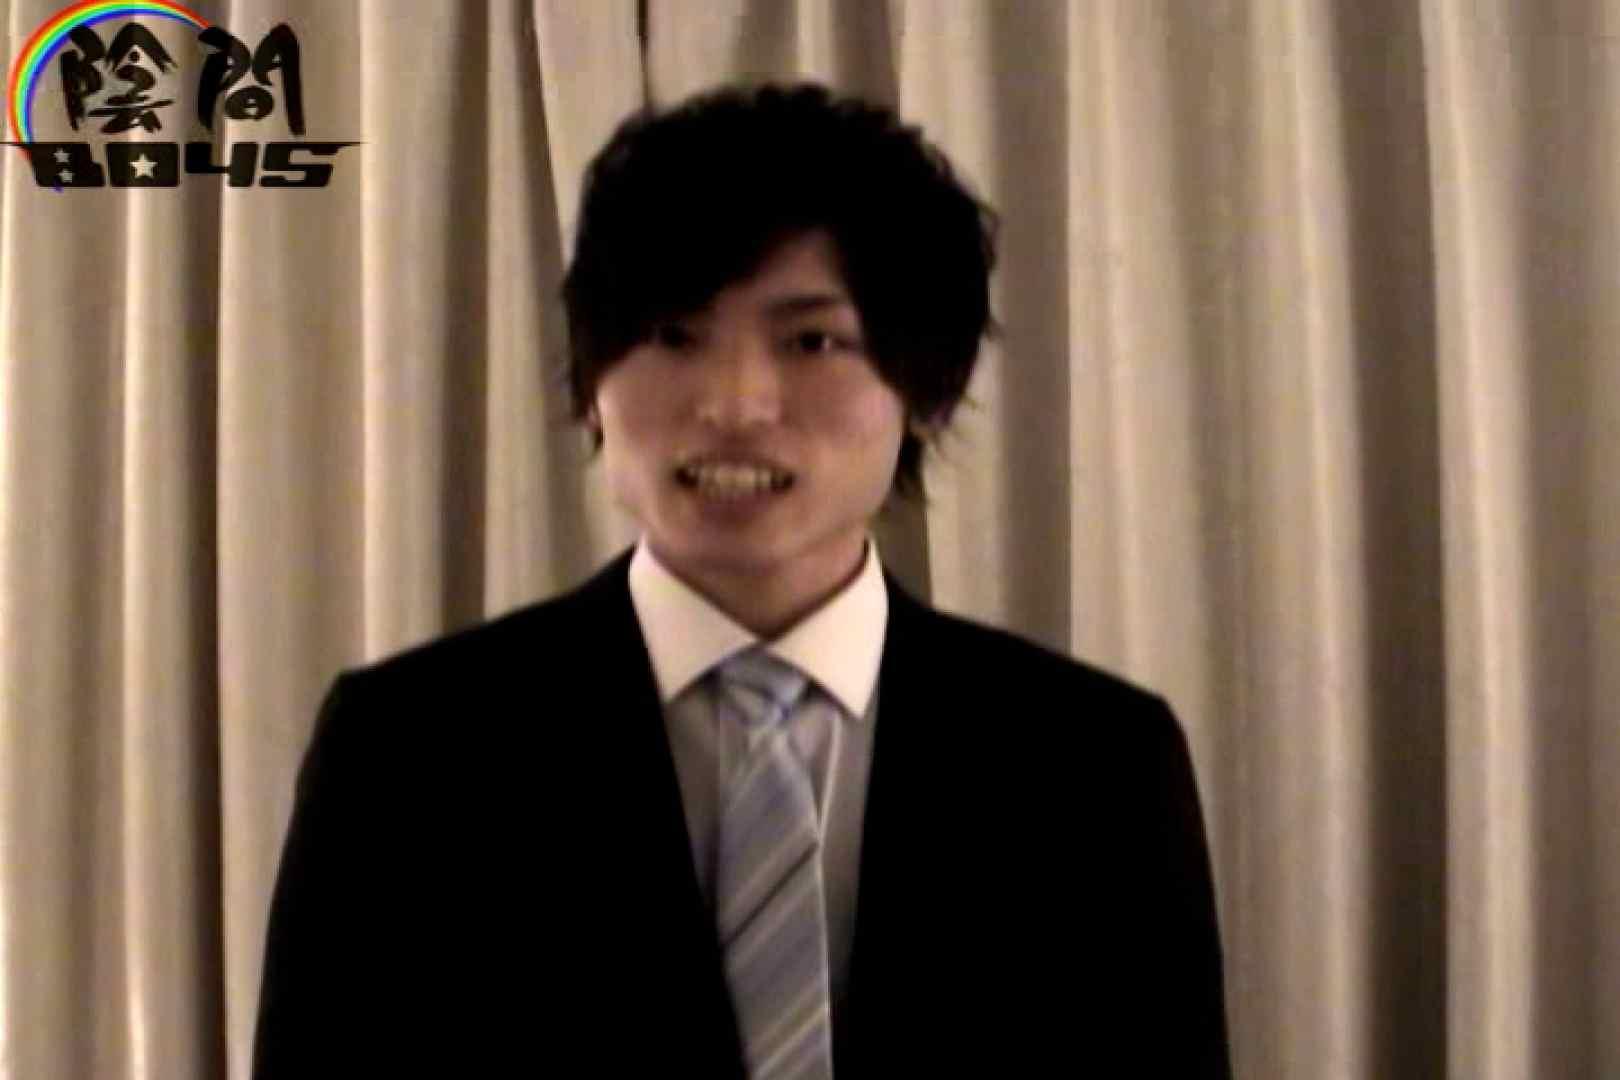 陰間BOYS~IKEMEN Interview~01  ノンケ君達の・・ 尻マンコ画像 105枚 49